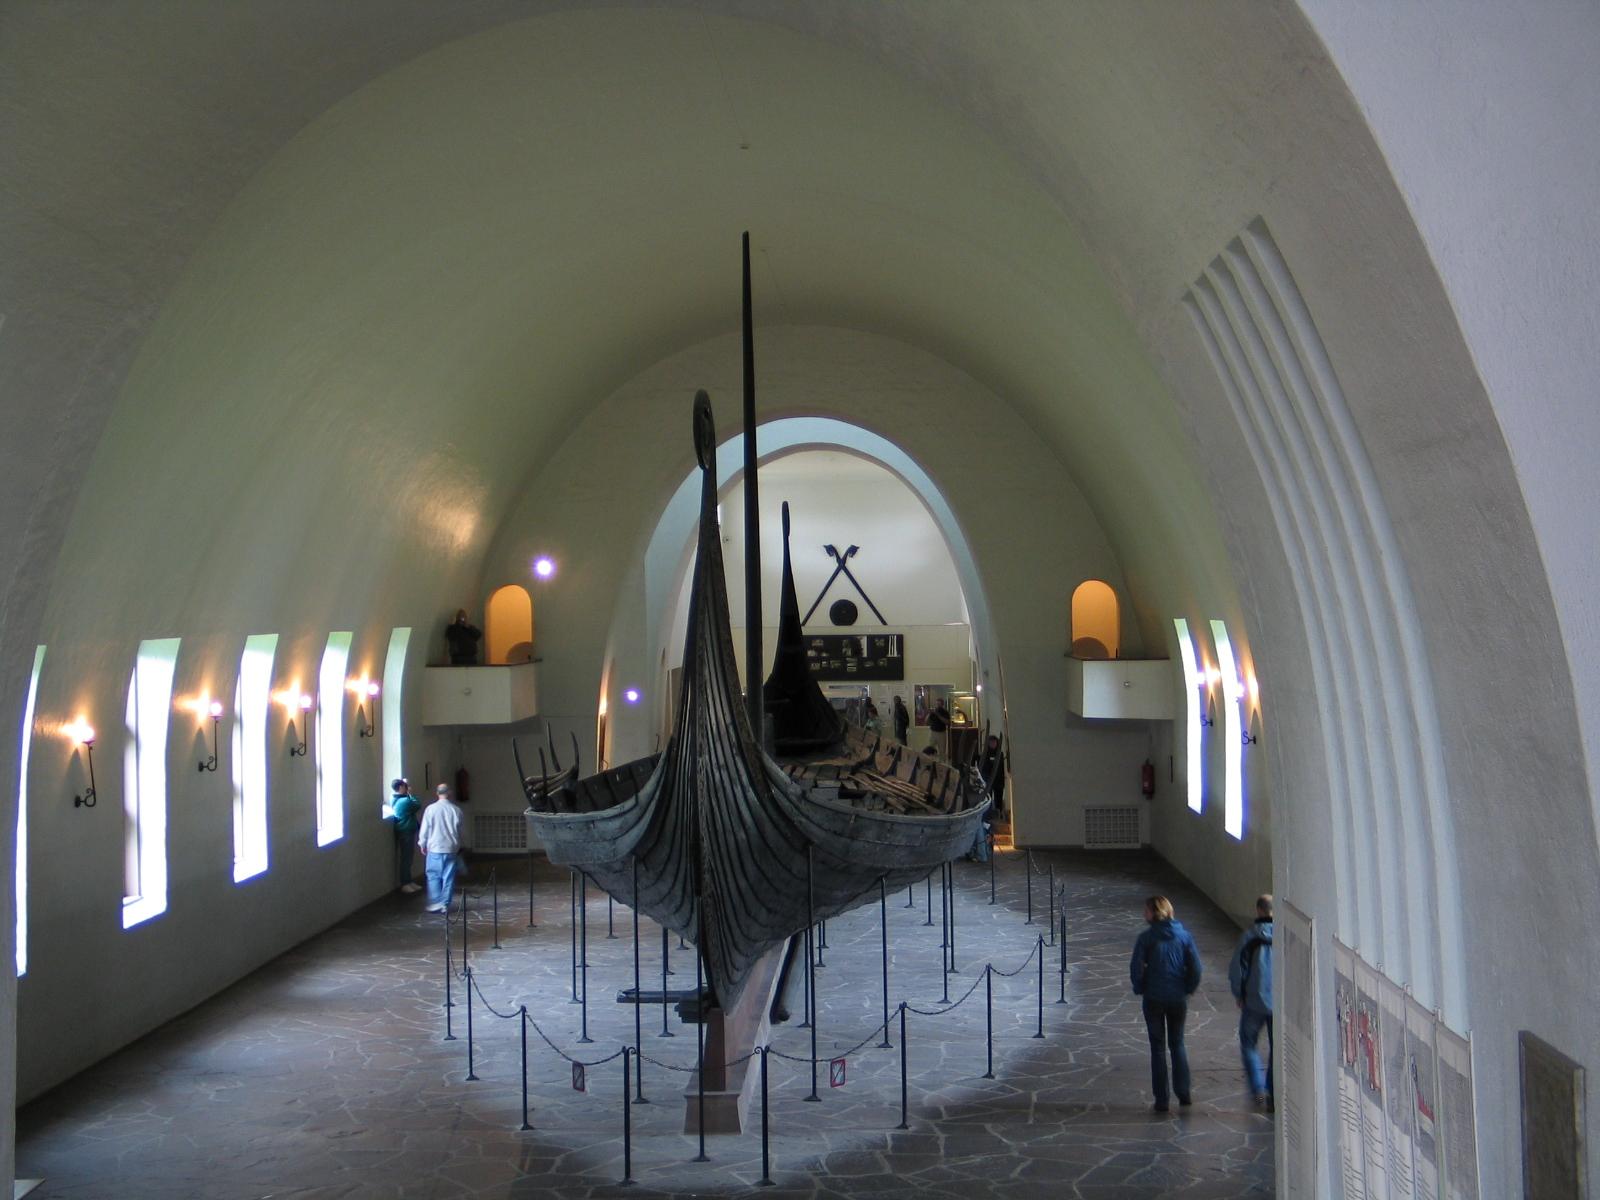 The Oseberg Viking Ship at the Vikingship museum.